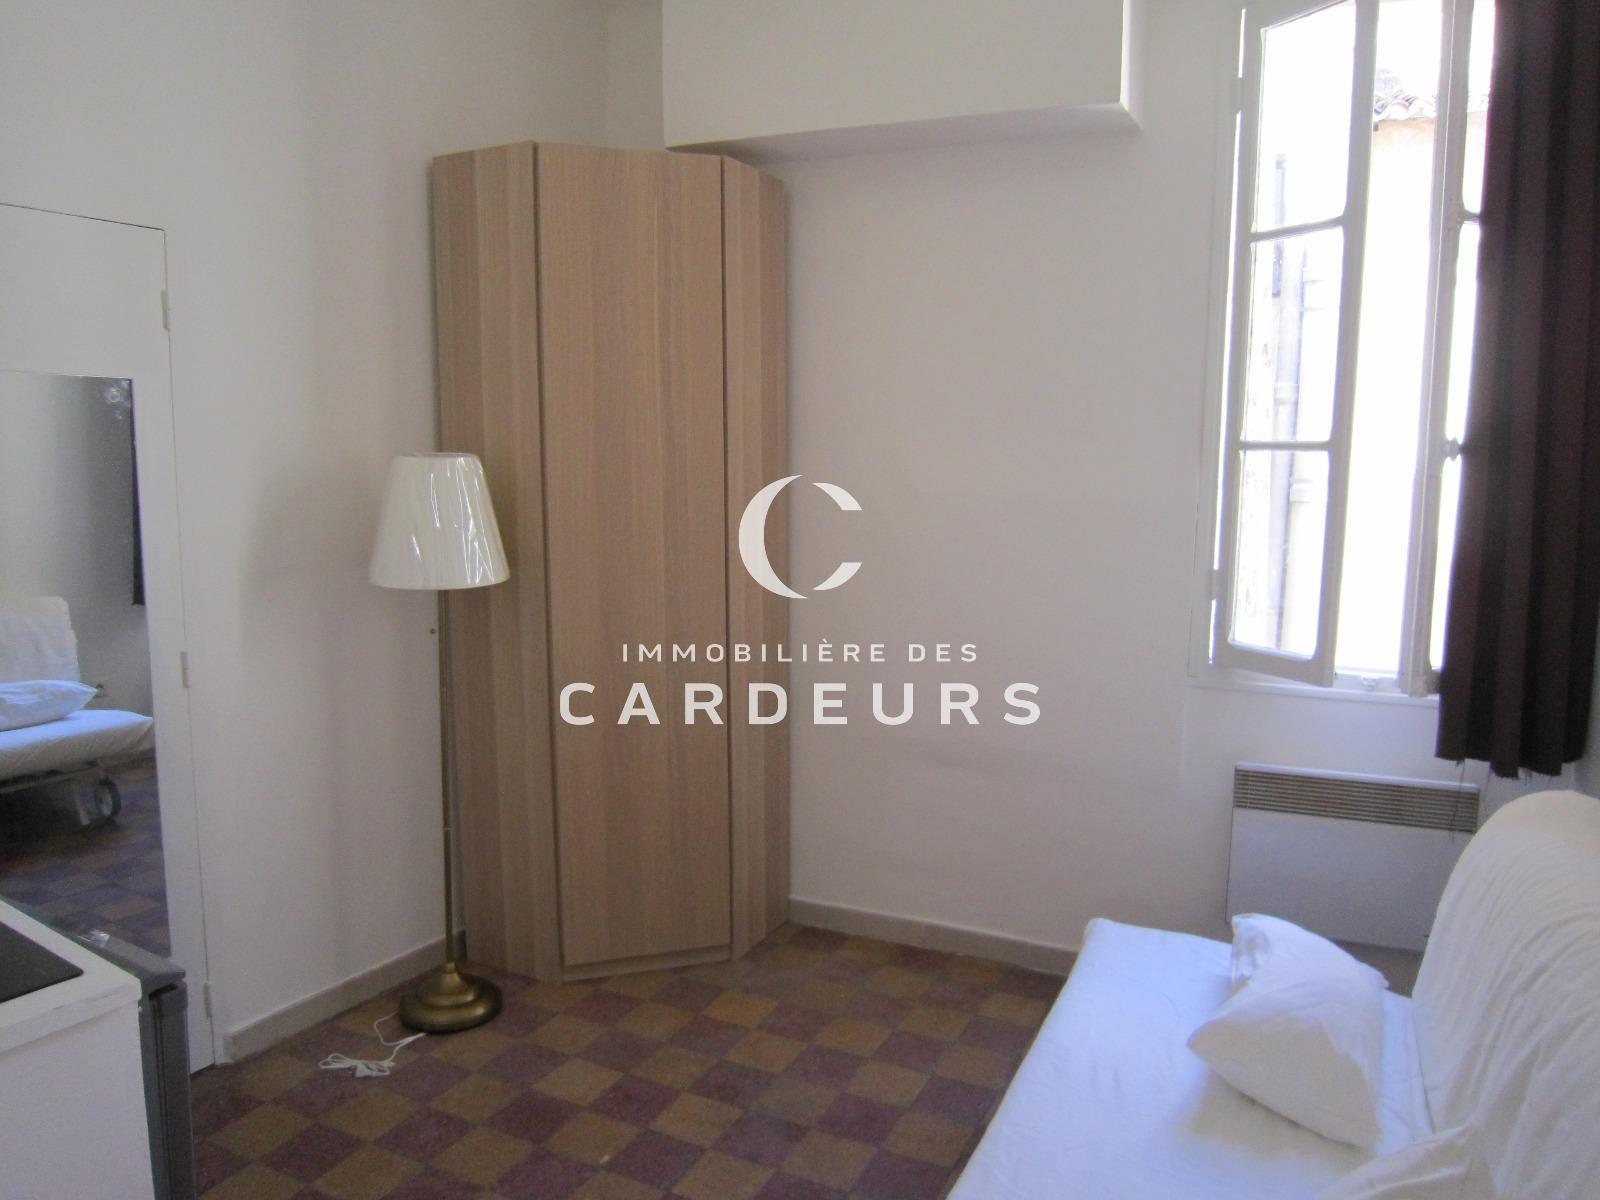 Location studette meubl e aix en provence centre ville - Location meublee aix en provence ...